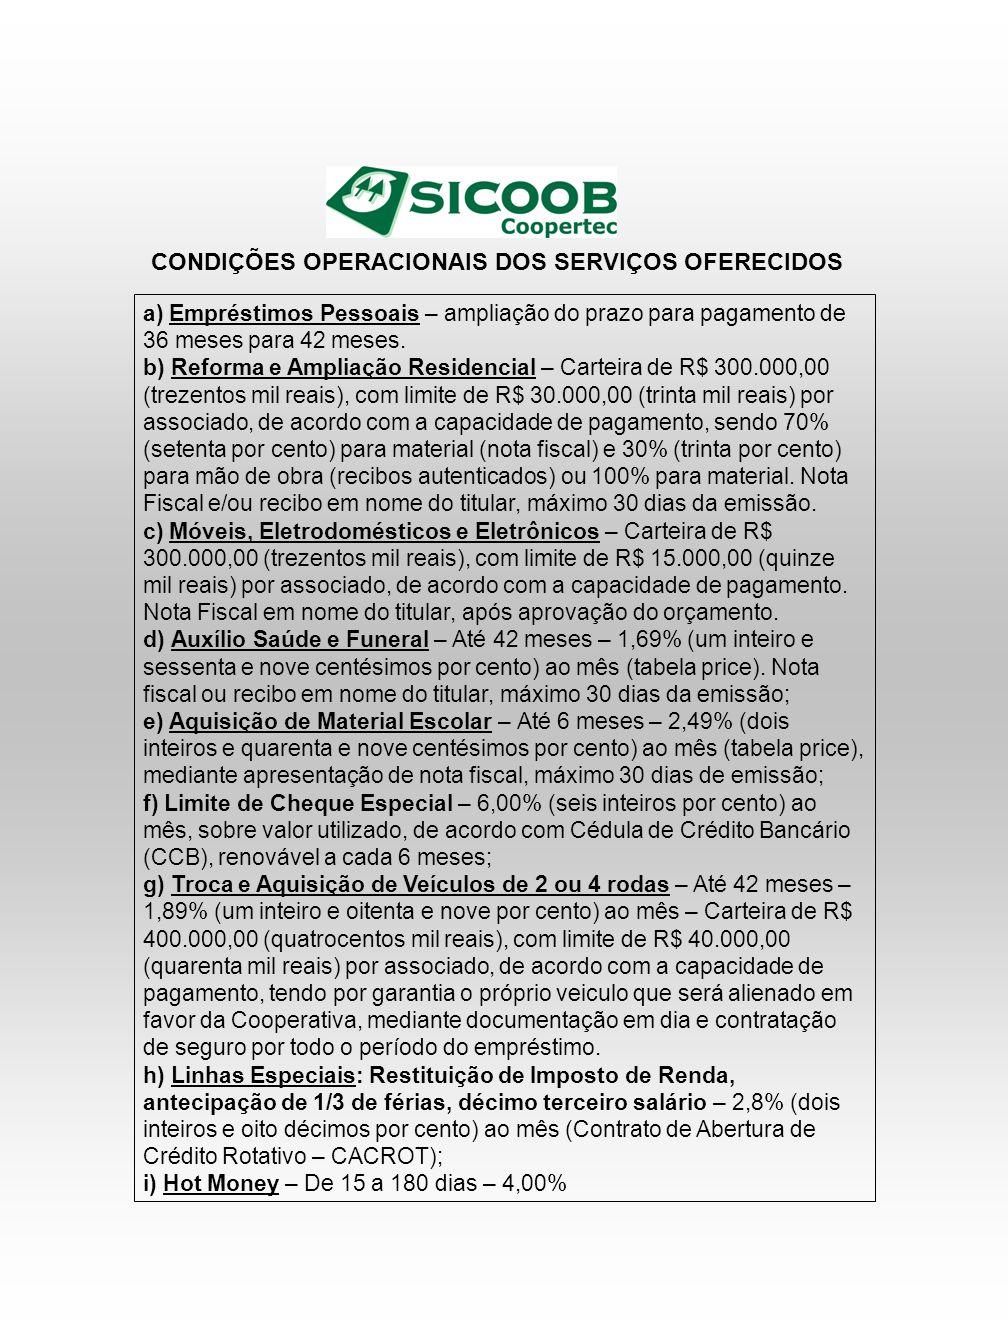 CONDIÇÕES OPERACIONAIS DOS SERVIÇOS OFERECIDOS